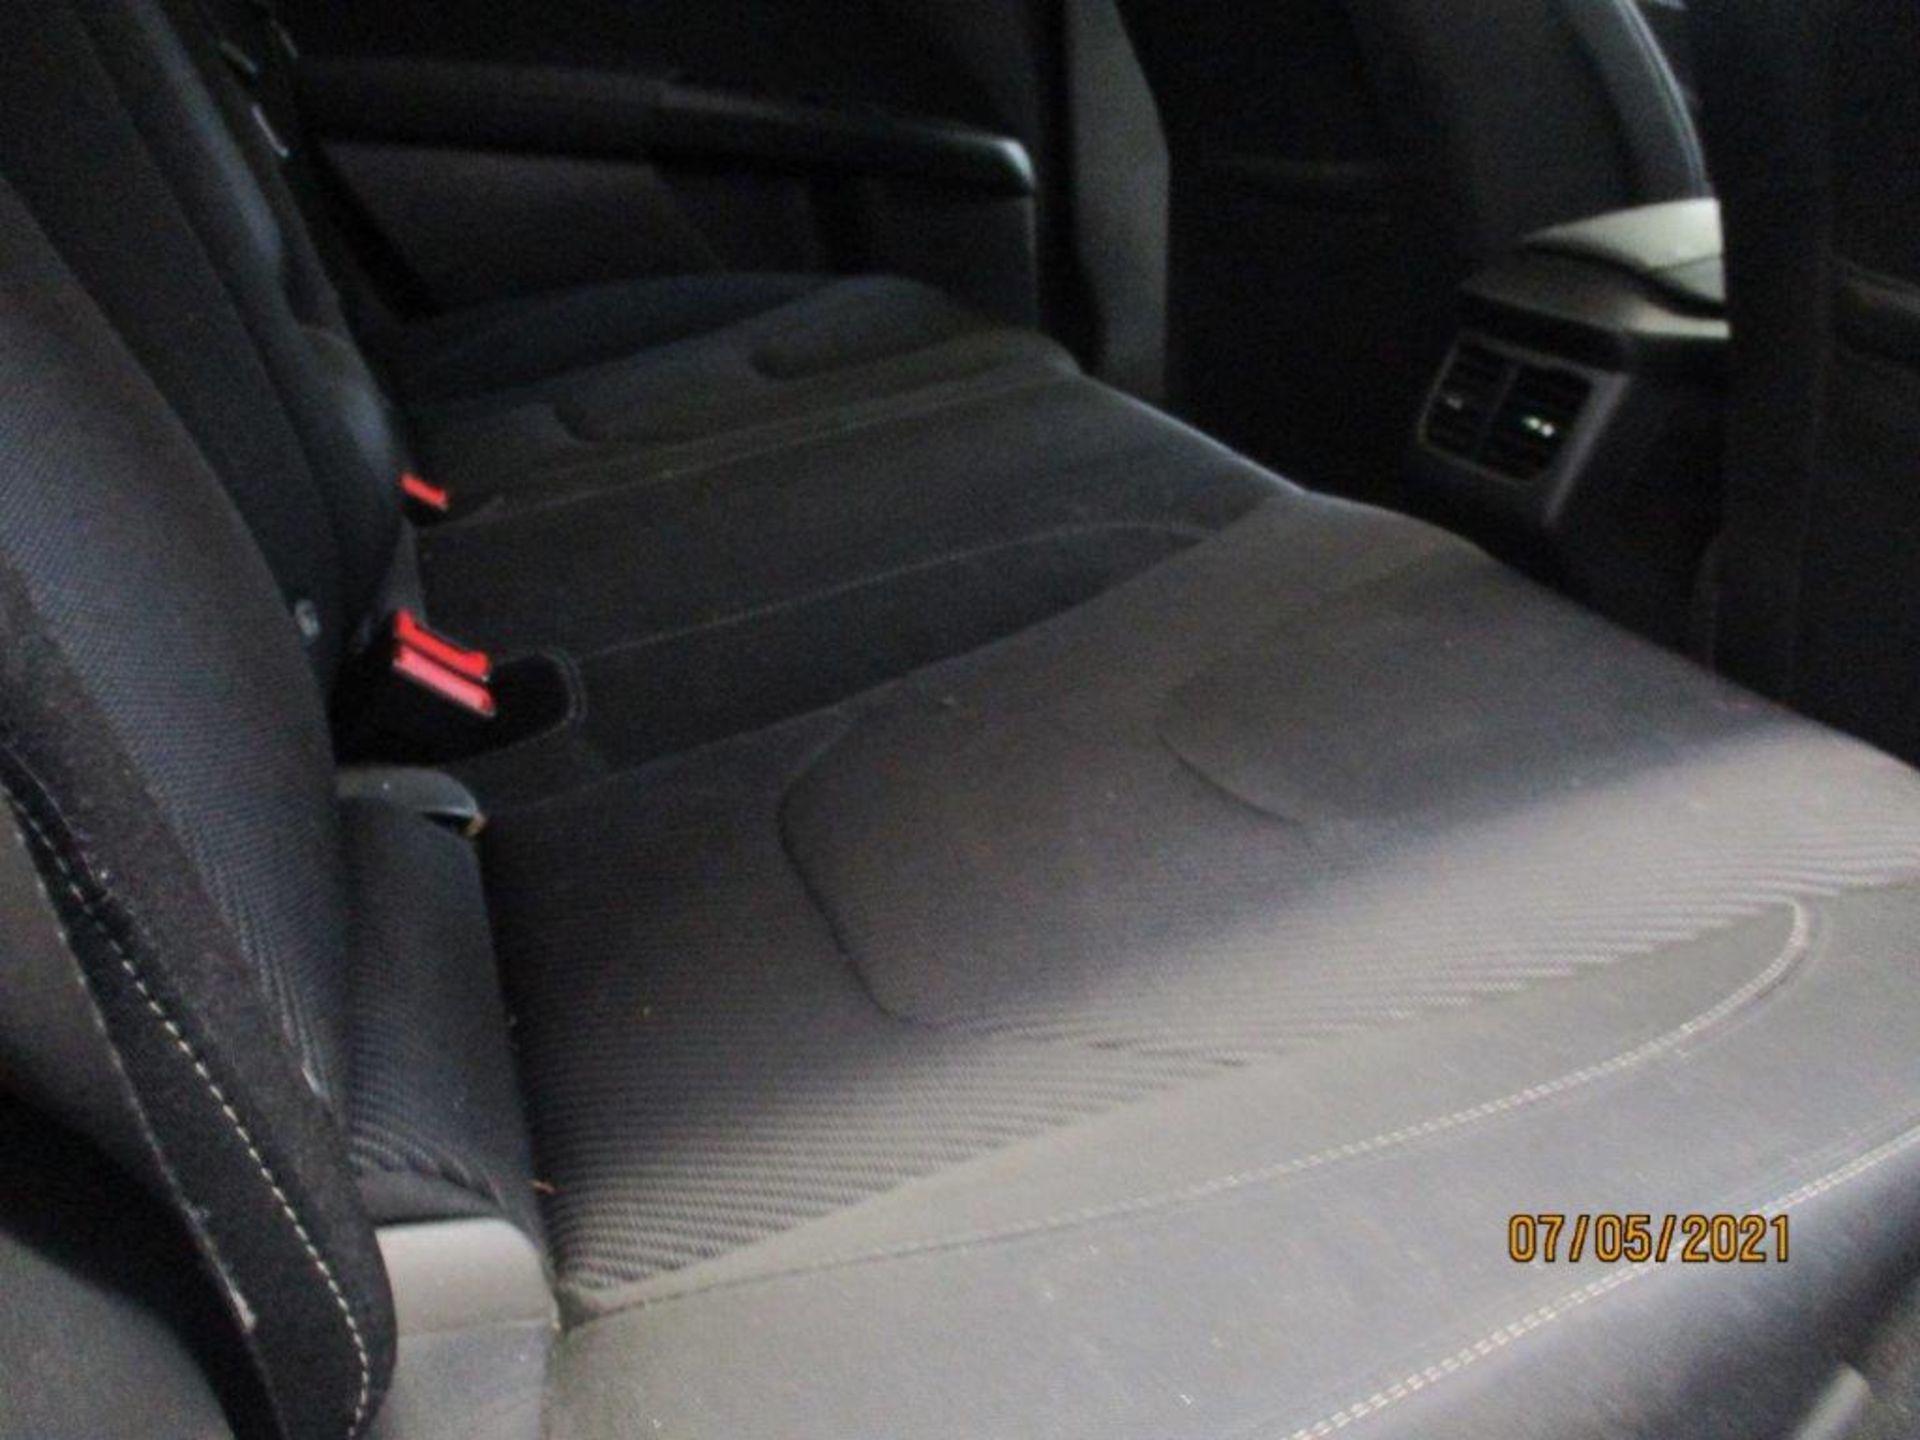 15 15 Ford Mondeo Titanium TDCI - Image 18 of 22